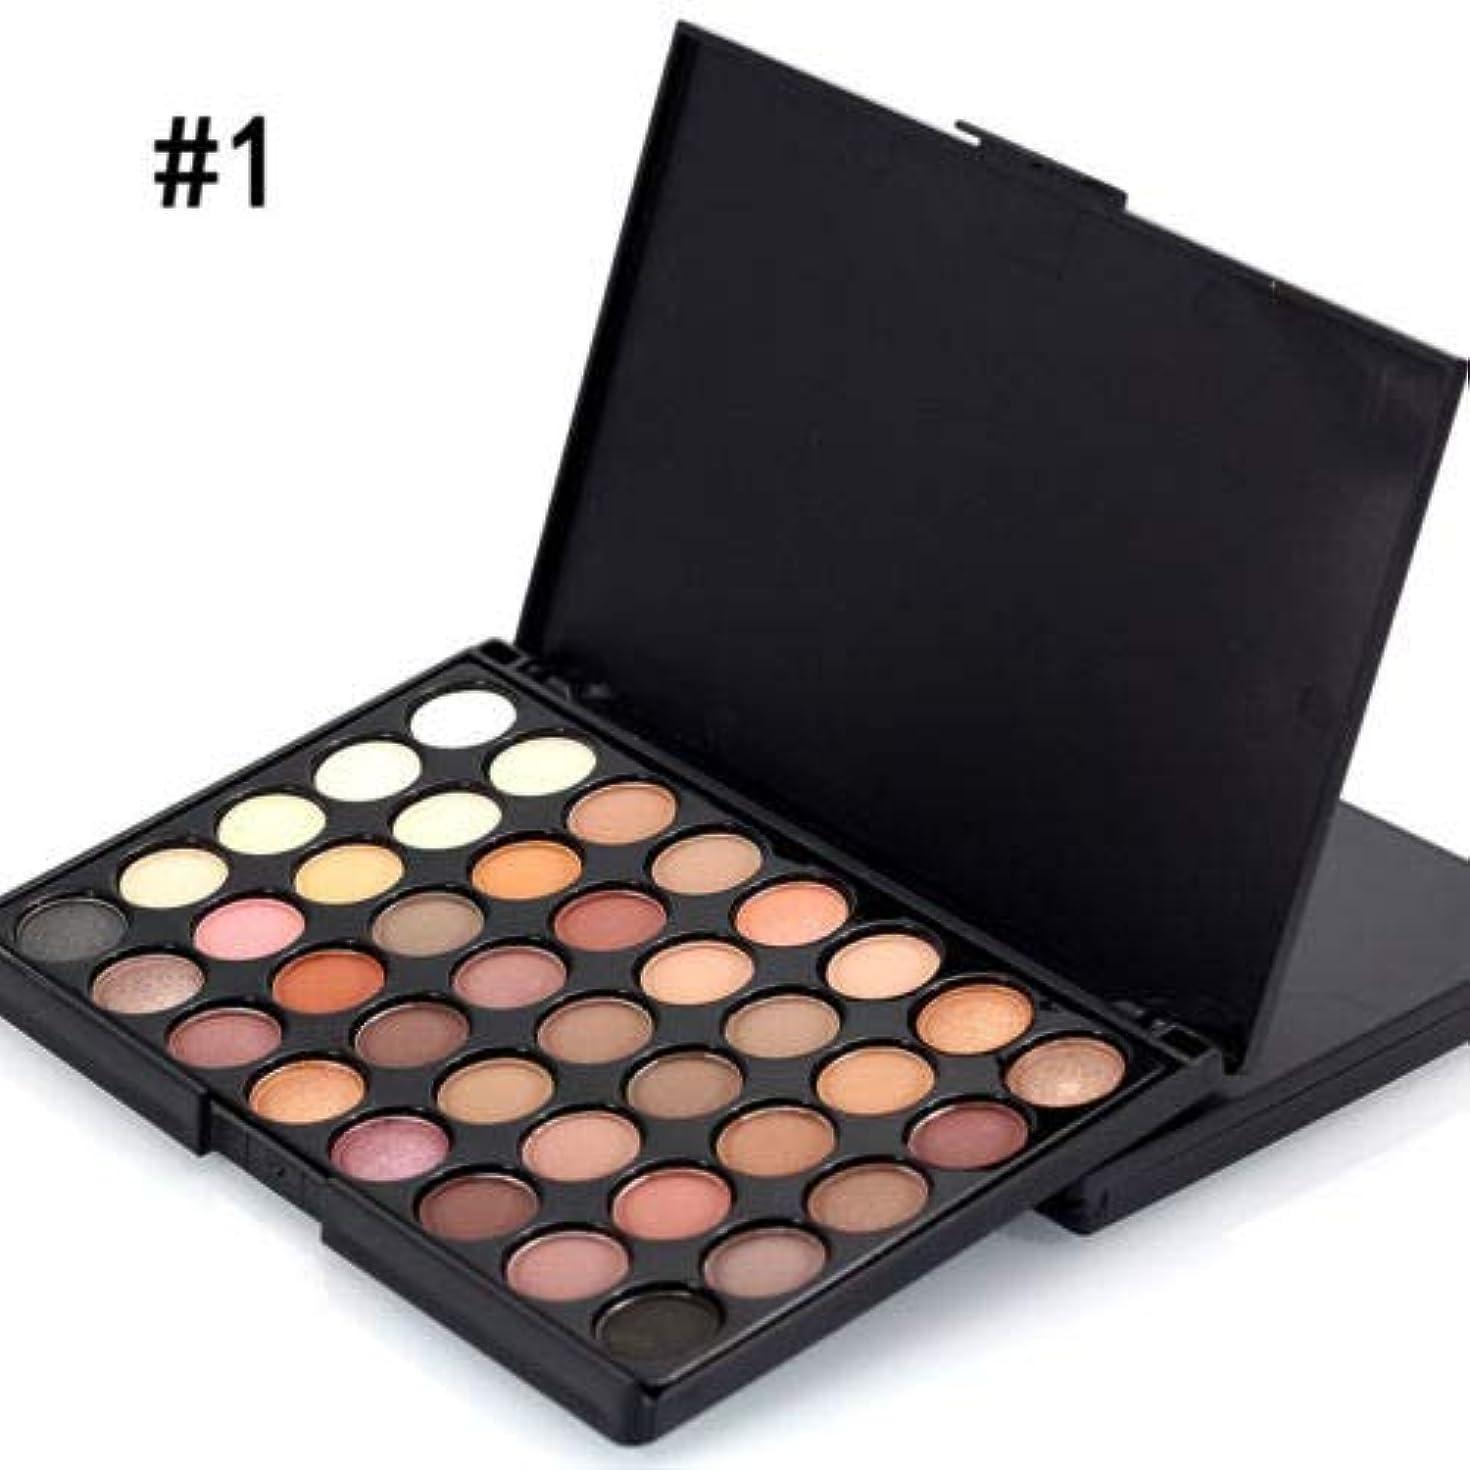 FidgetGear 40色化粧品パウダーアイシャドーアイシャドーパレットメイクアップシマーセットマット #1